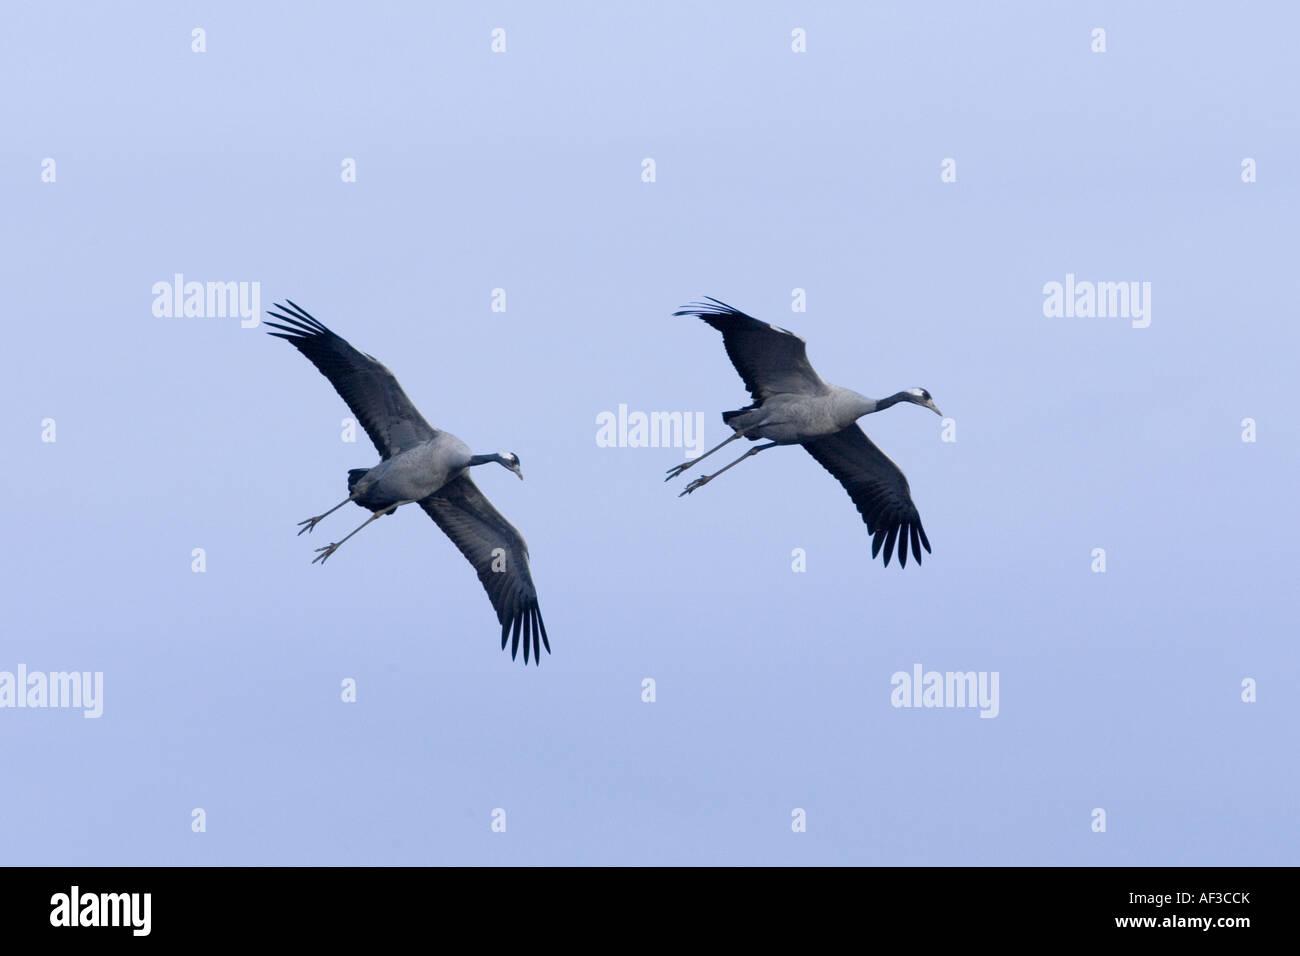 common crane (Grus grus), flying couple, Sweden, Hornborgasjoen - Stock Image